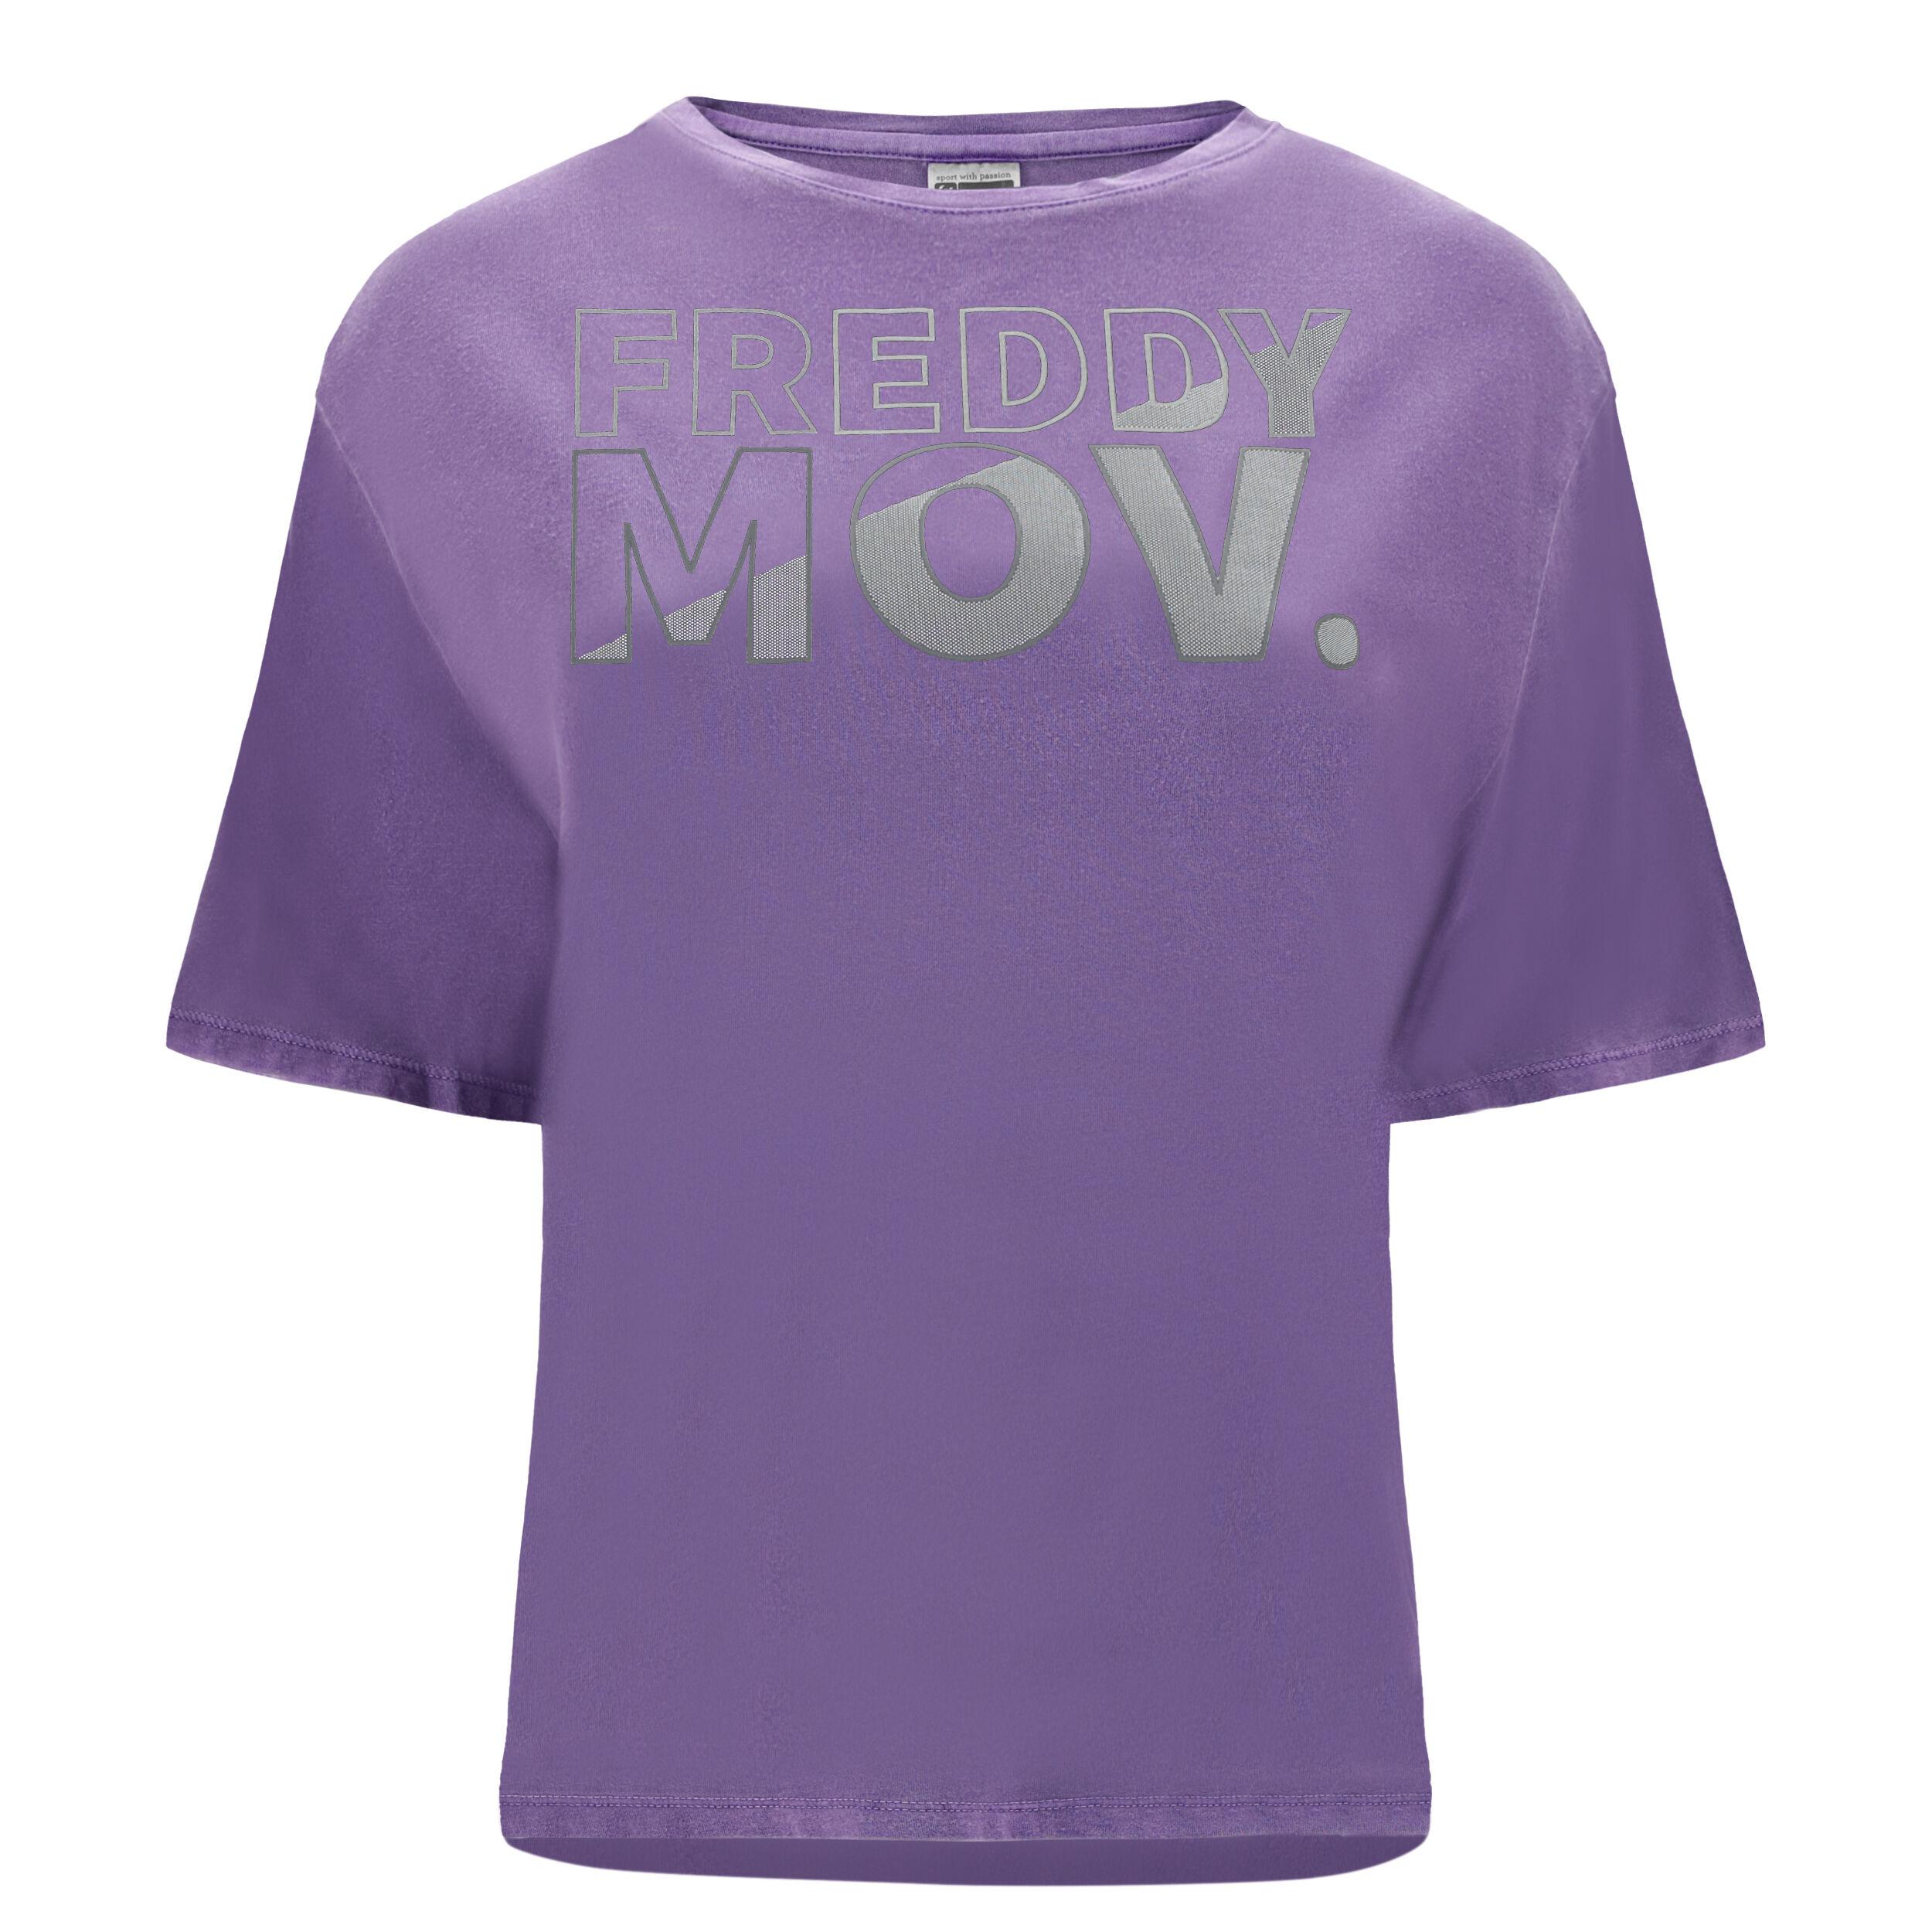 Freddy T-shirt con maniche a kimono e stampa MOV. Viola Brillante Pigment Dyed